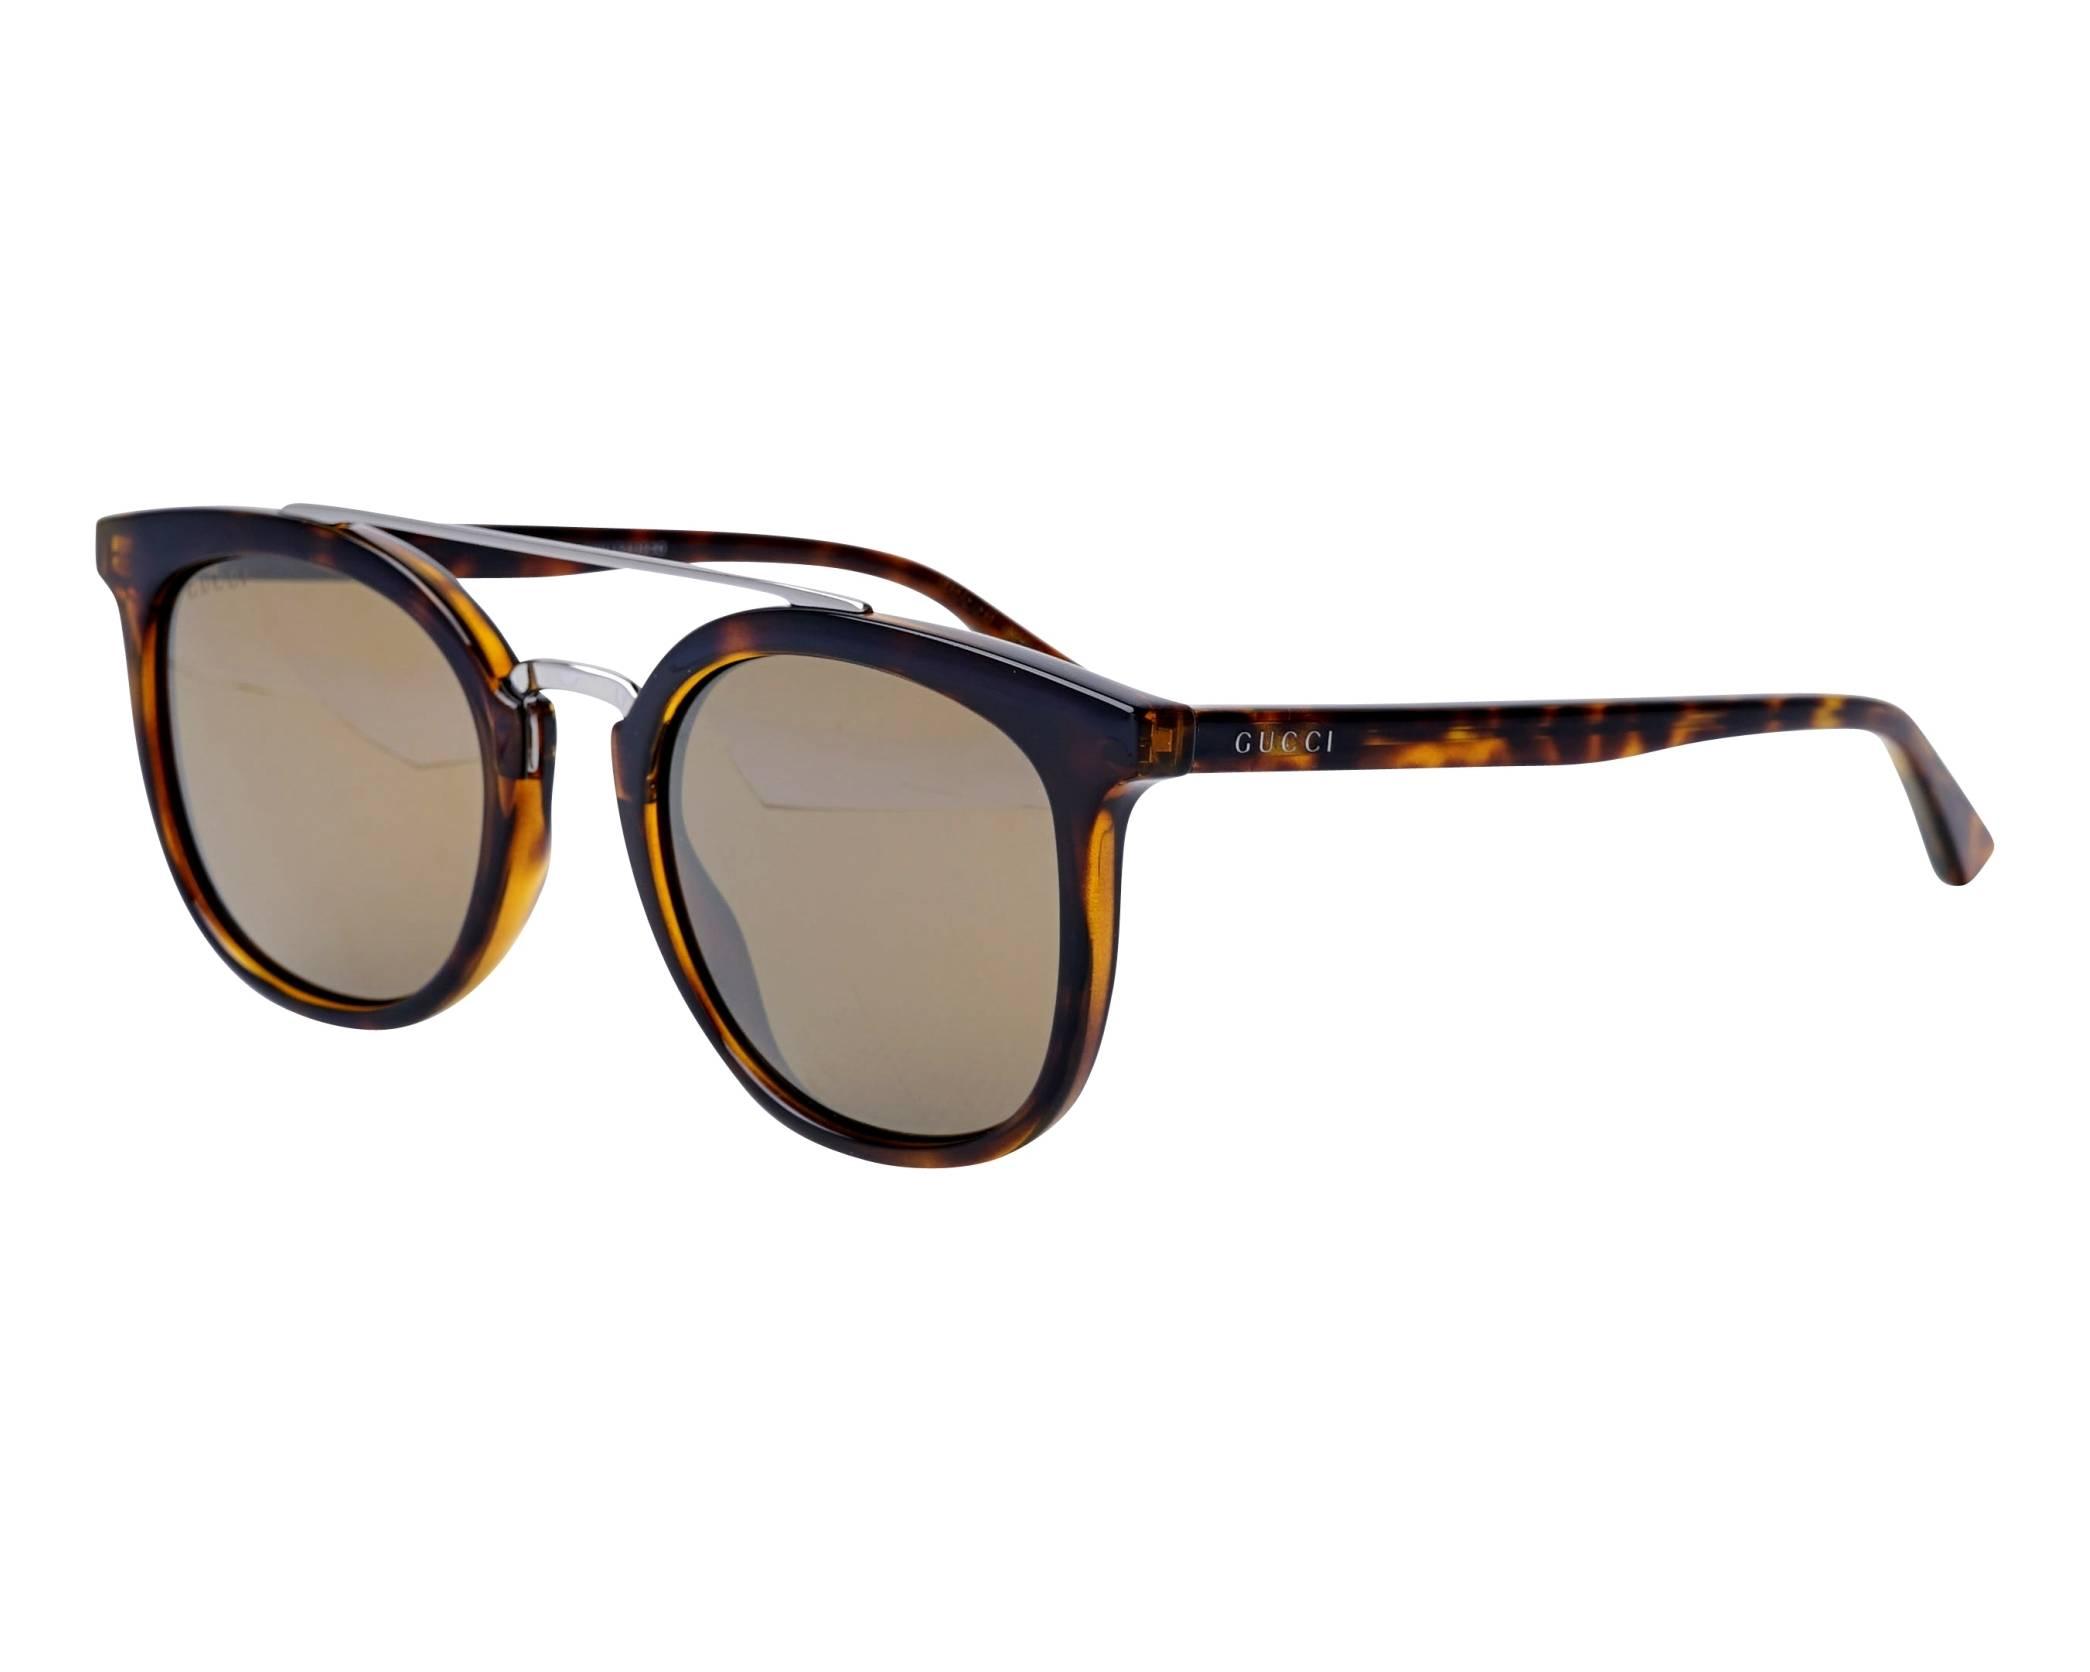 acd237fe5dc Sunglasses Gucci GG-0403-S 002 51-22 Havana Silver profile view